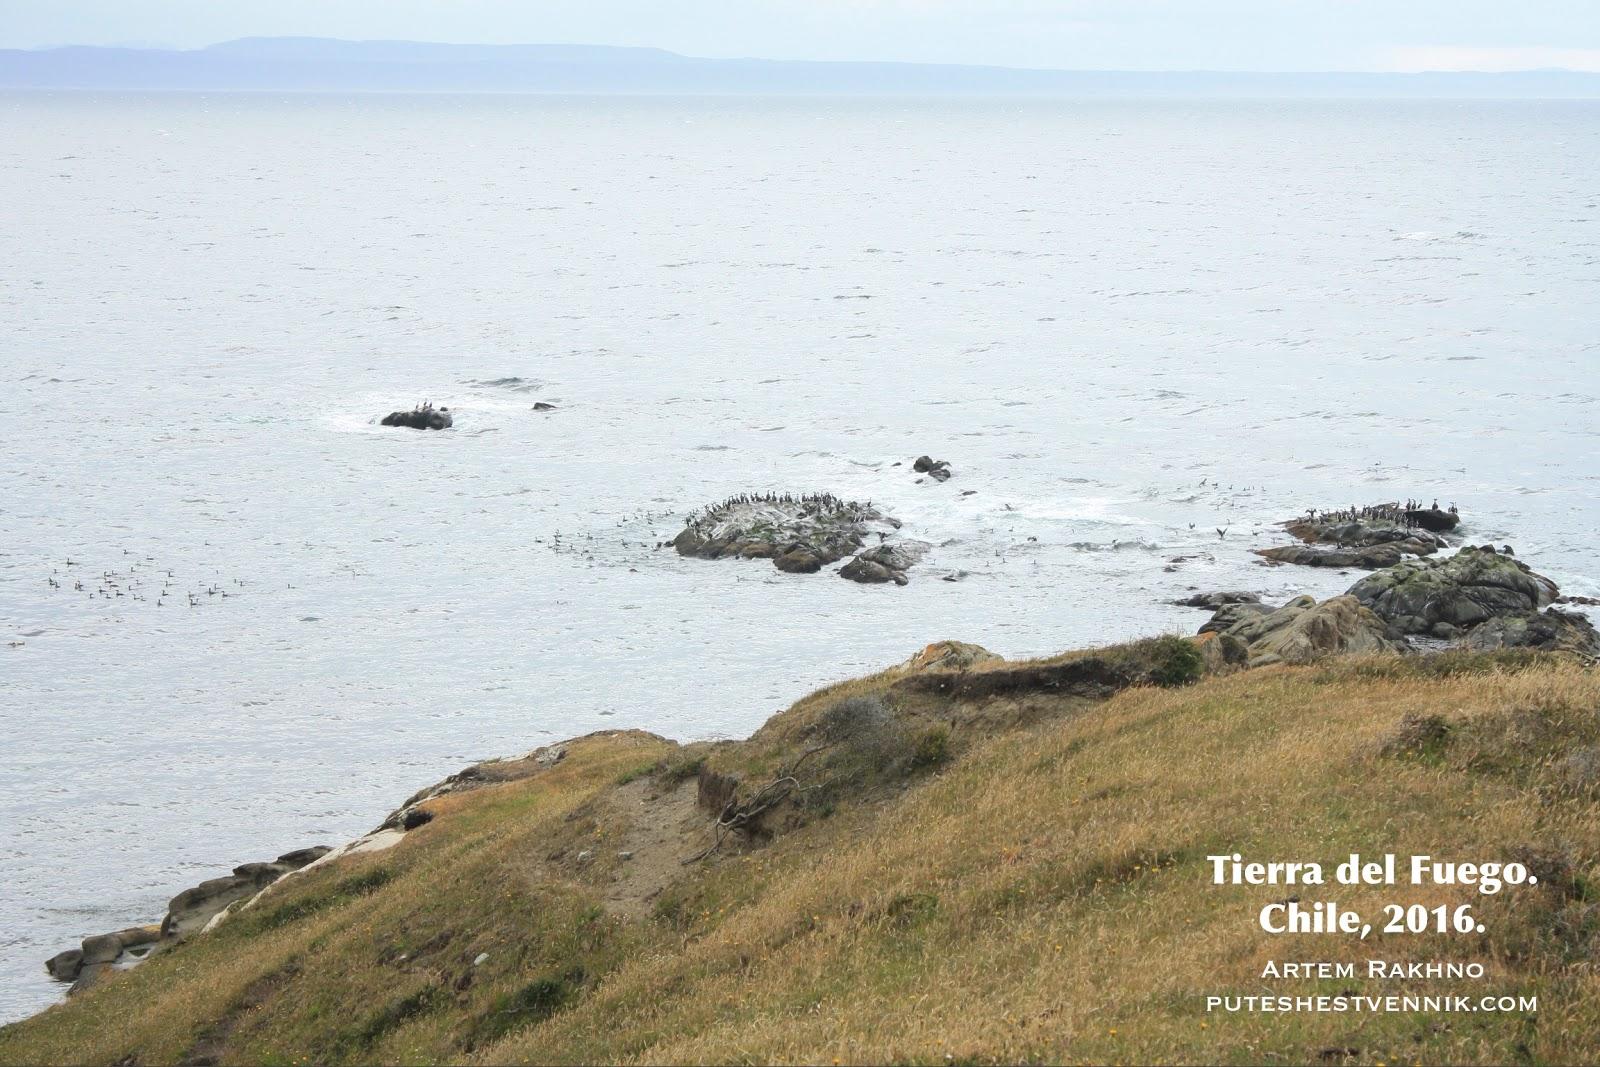 Птицы на прибрежных скалах